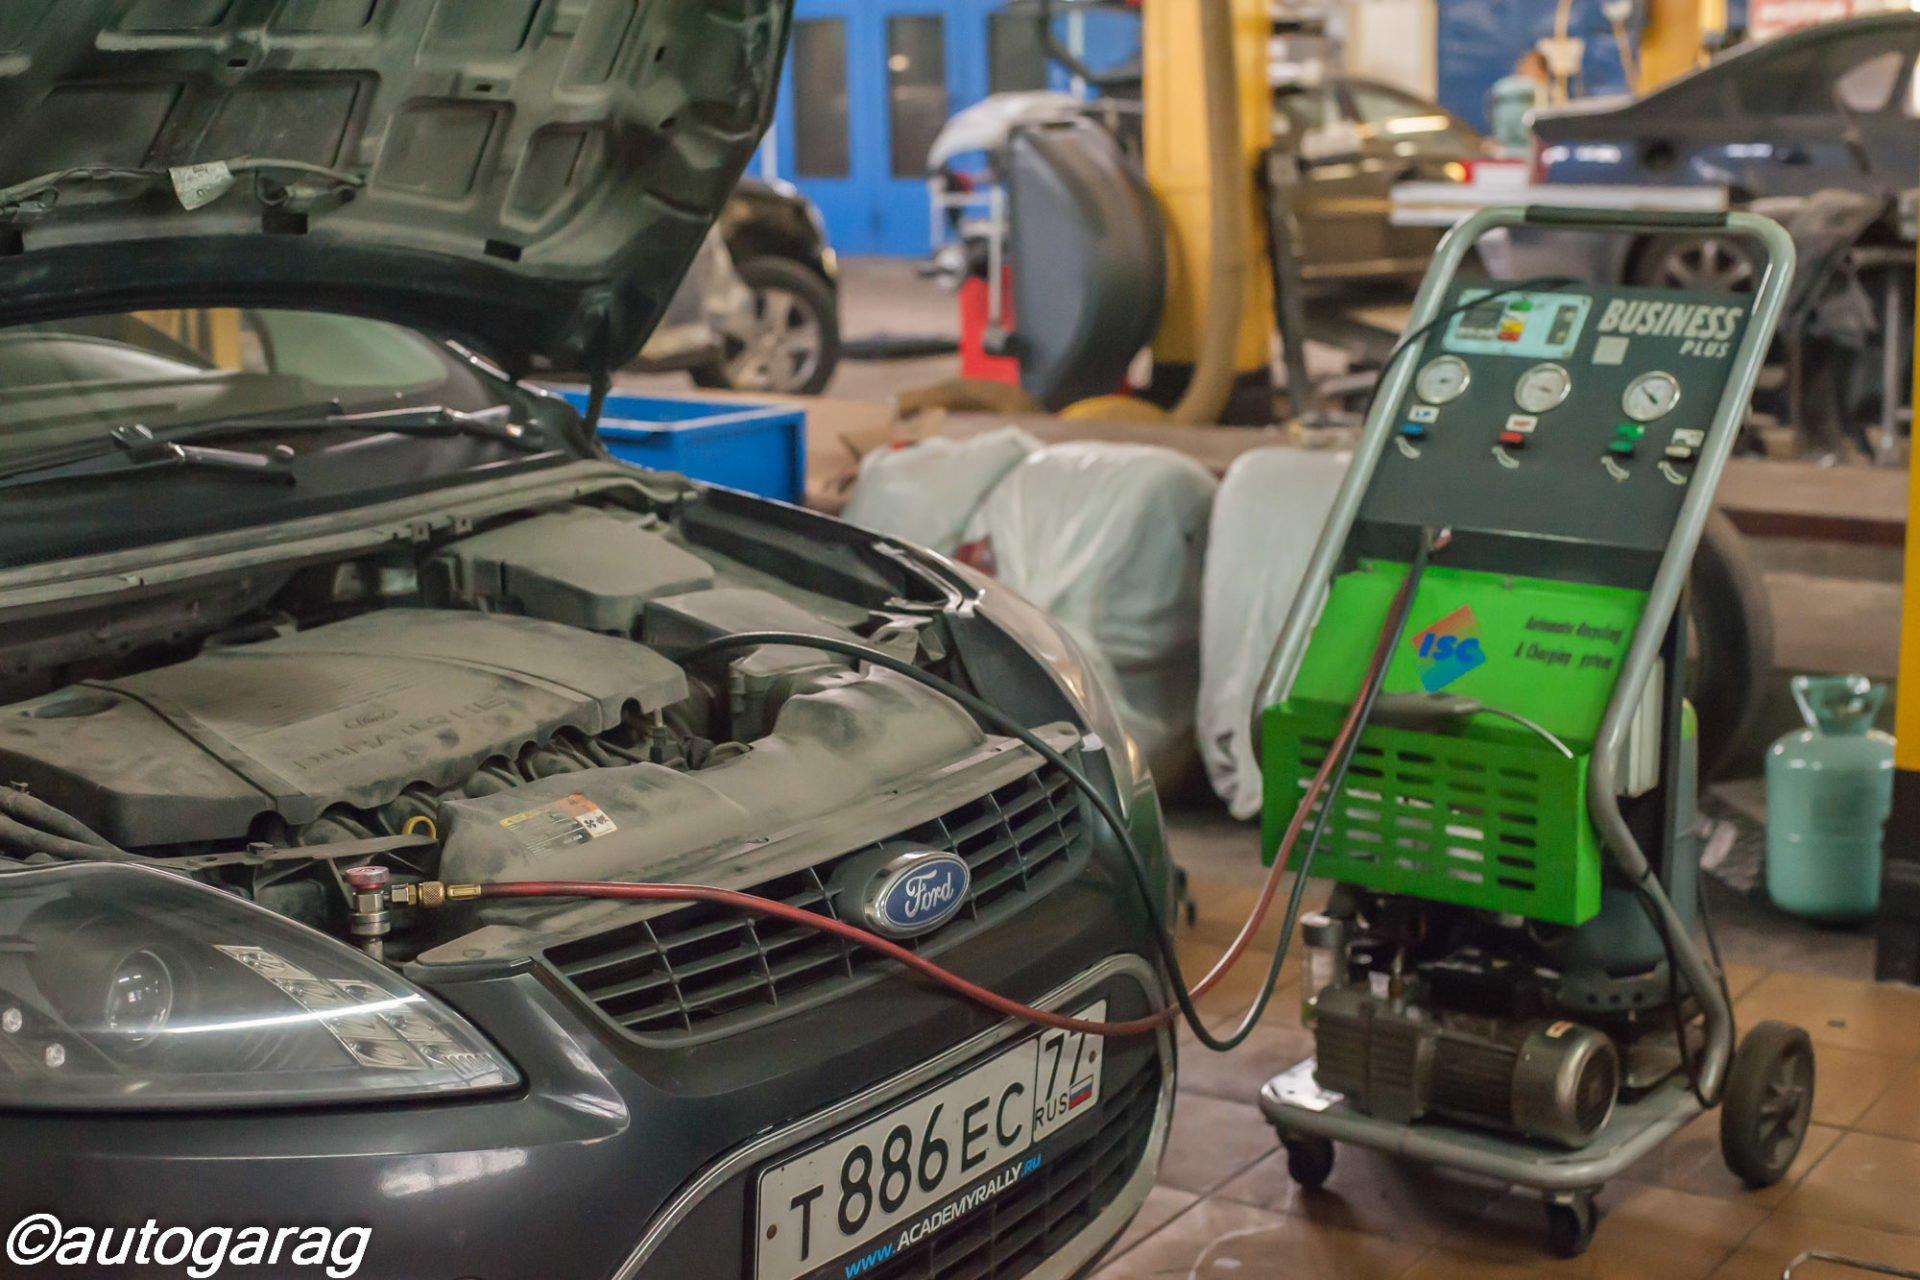 Обслуживание кондиционера автомобиля в Москве, цена и стоимость